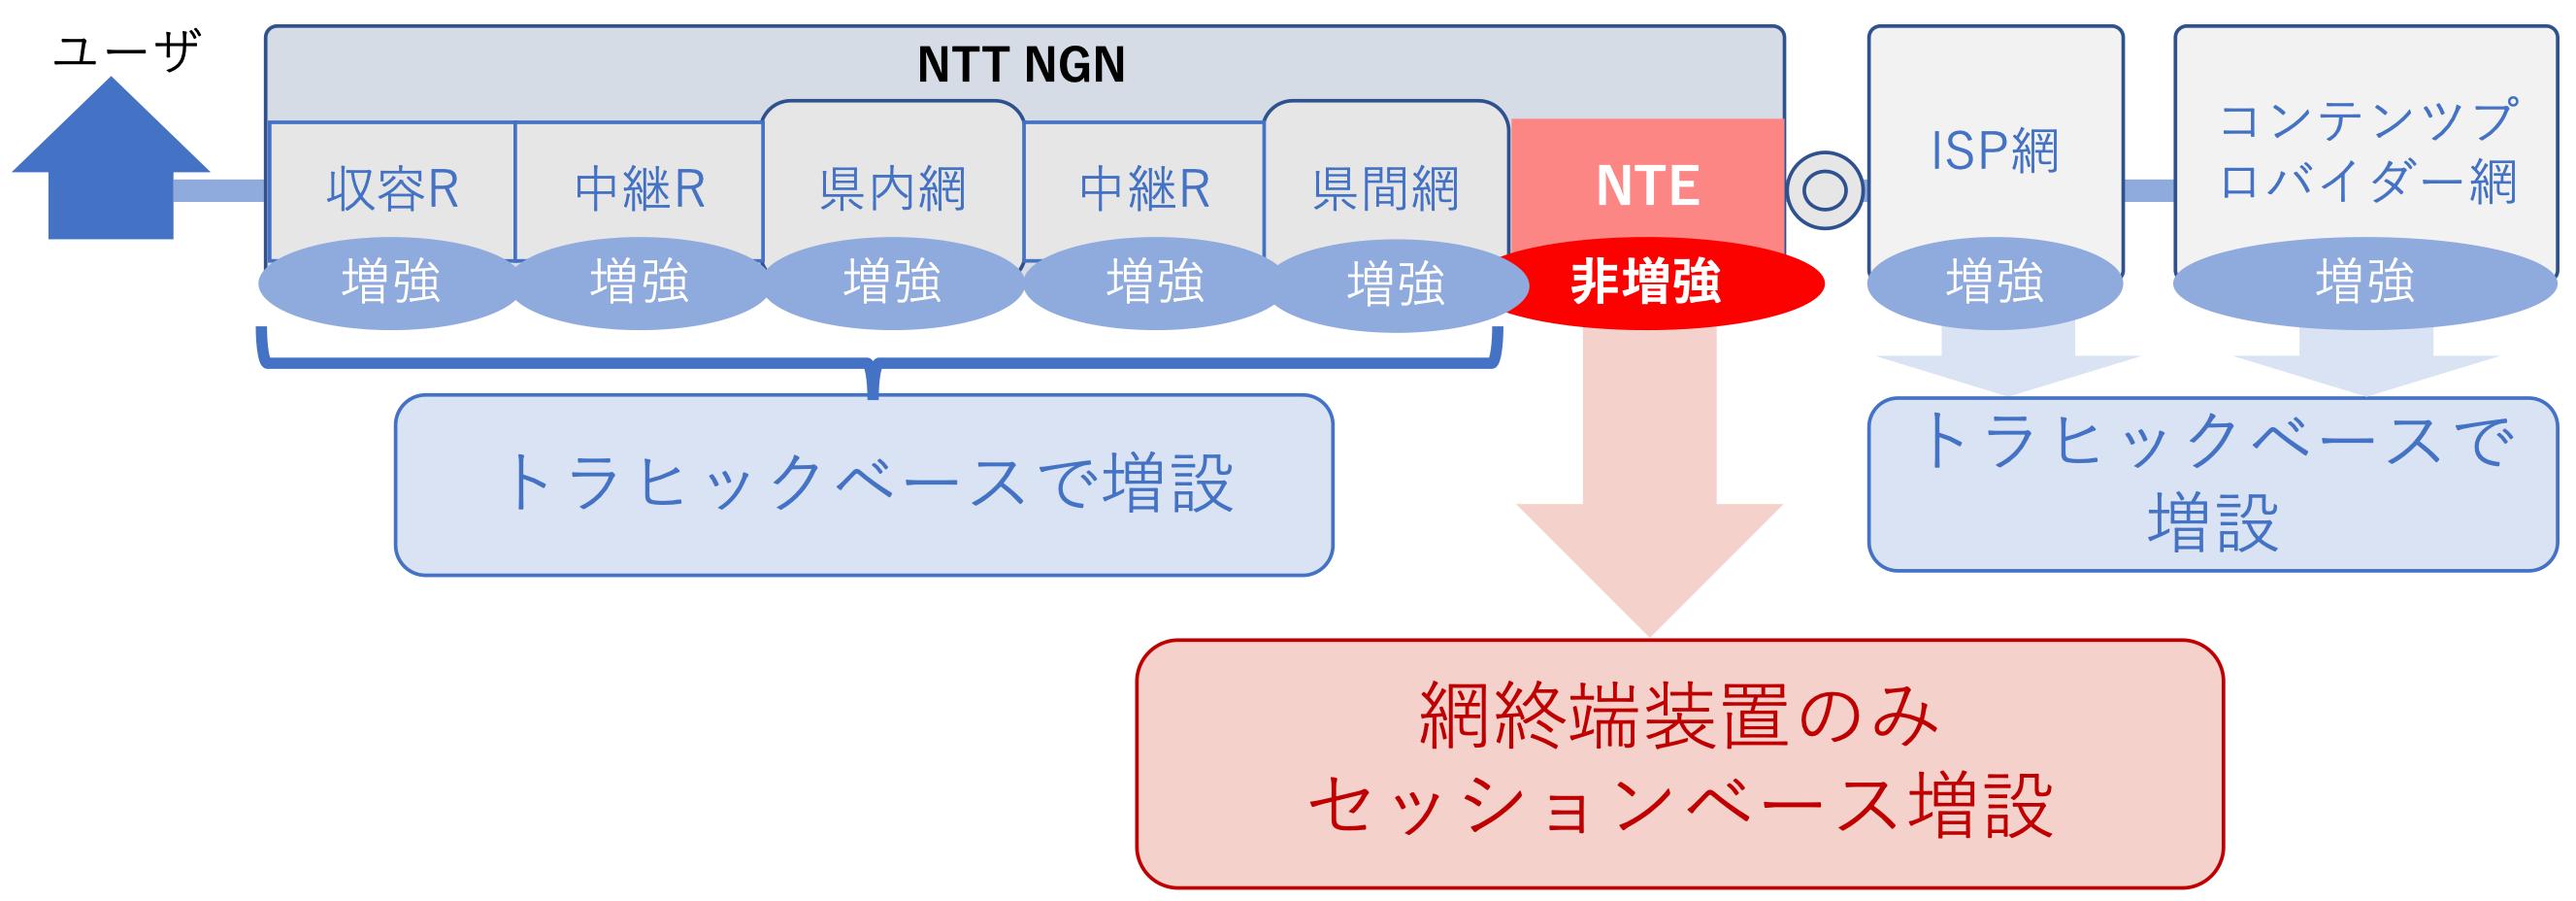 網終端装置の増設基準が未だにセッションベース